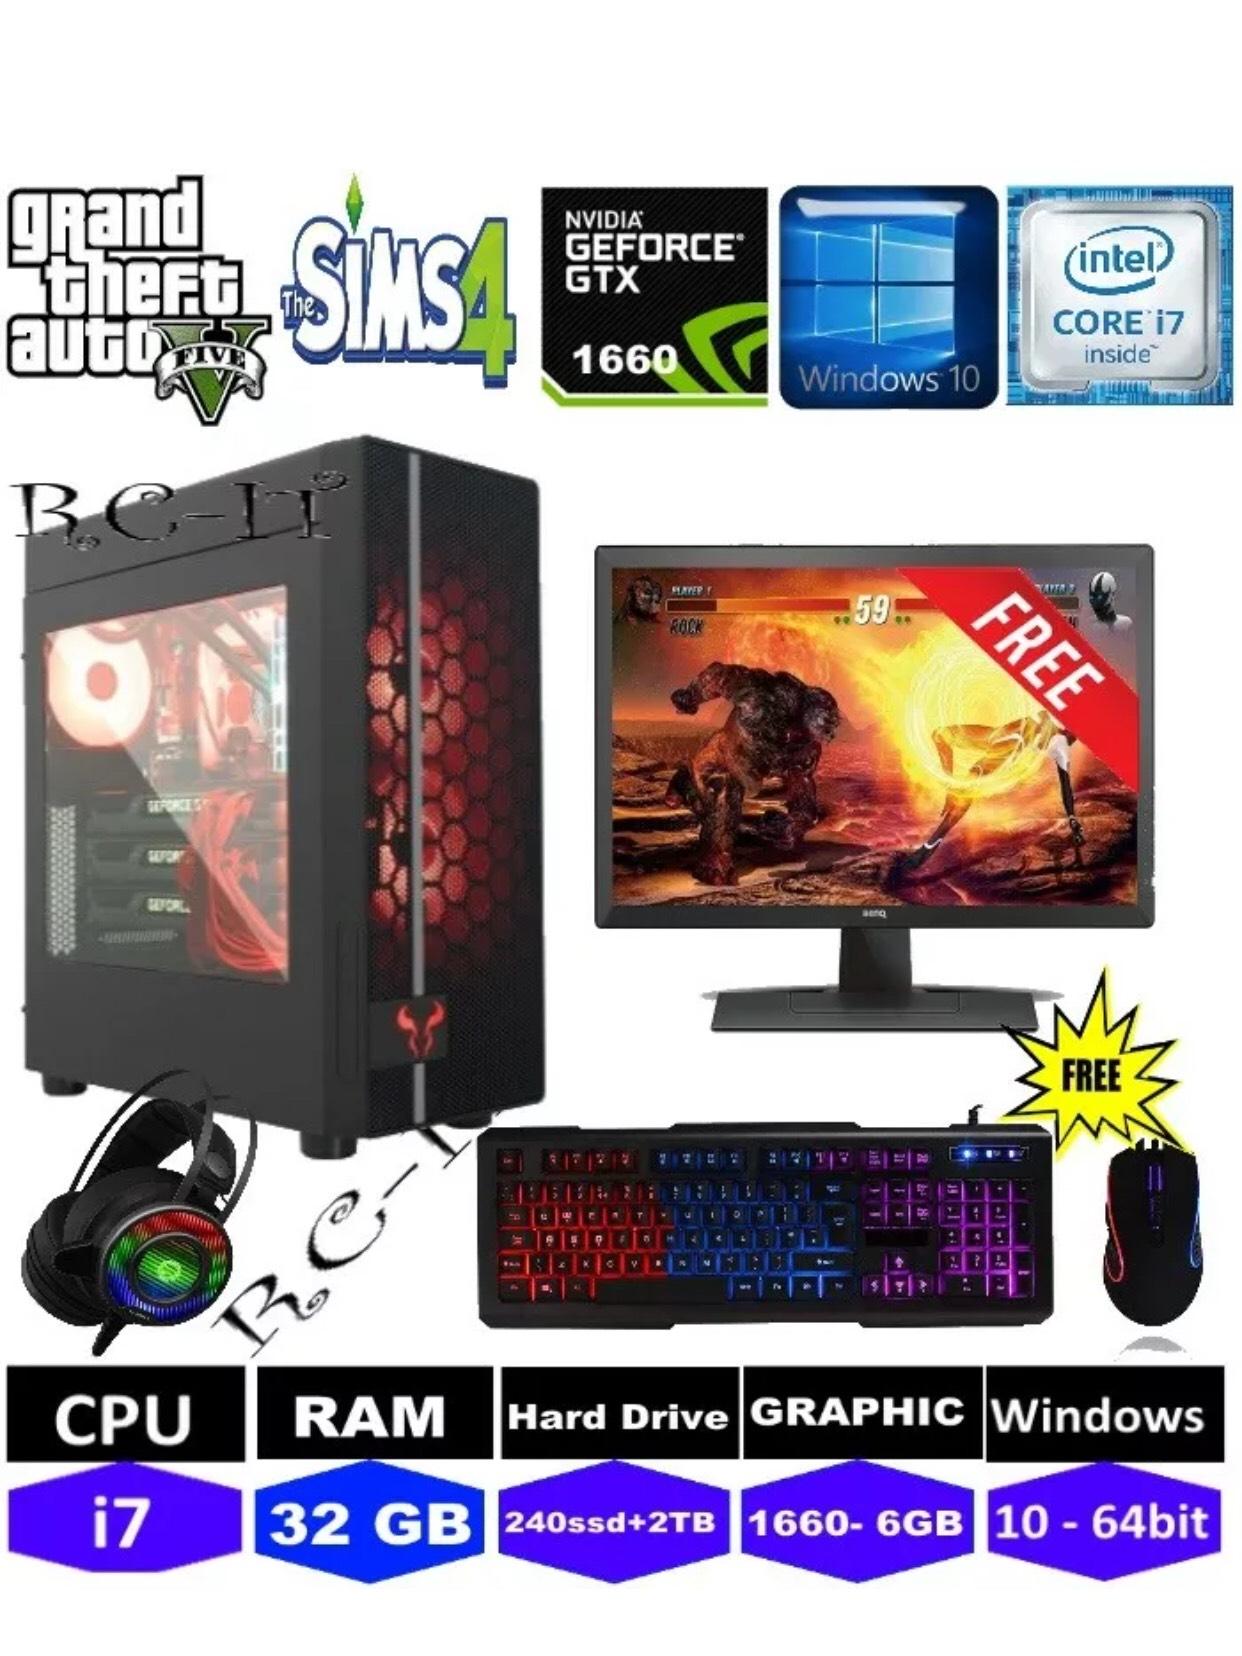 PC Intel Quad Core i7 3.4 Ghz New 240 SDD+ 2TB 32GB RAM 6GB GTX1660 win10 i7Mouse Keyboard240GB SSD  - £525 @ rightclickit ebay